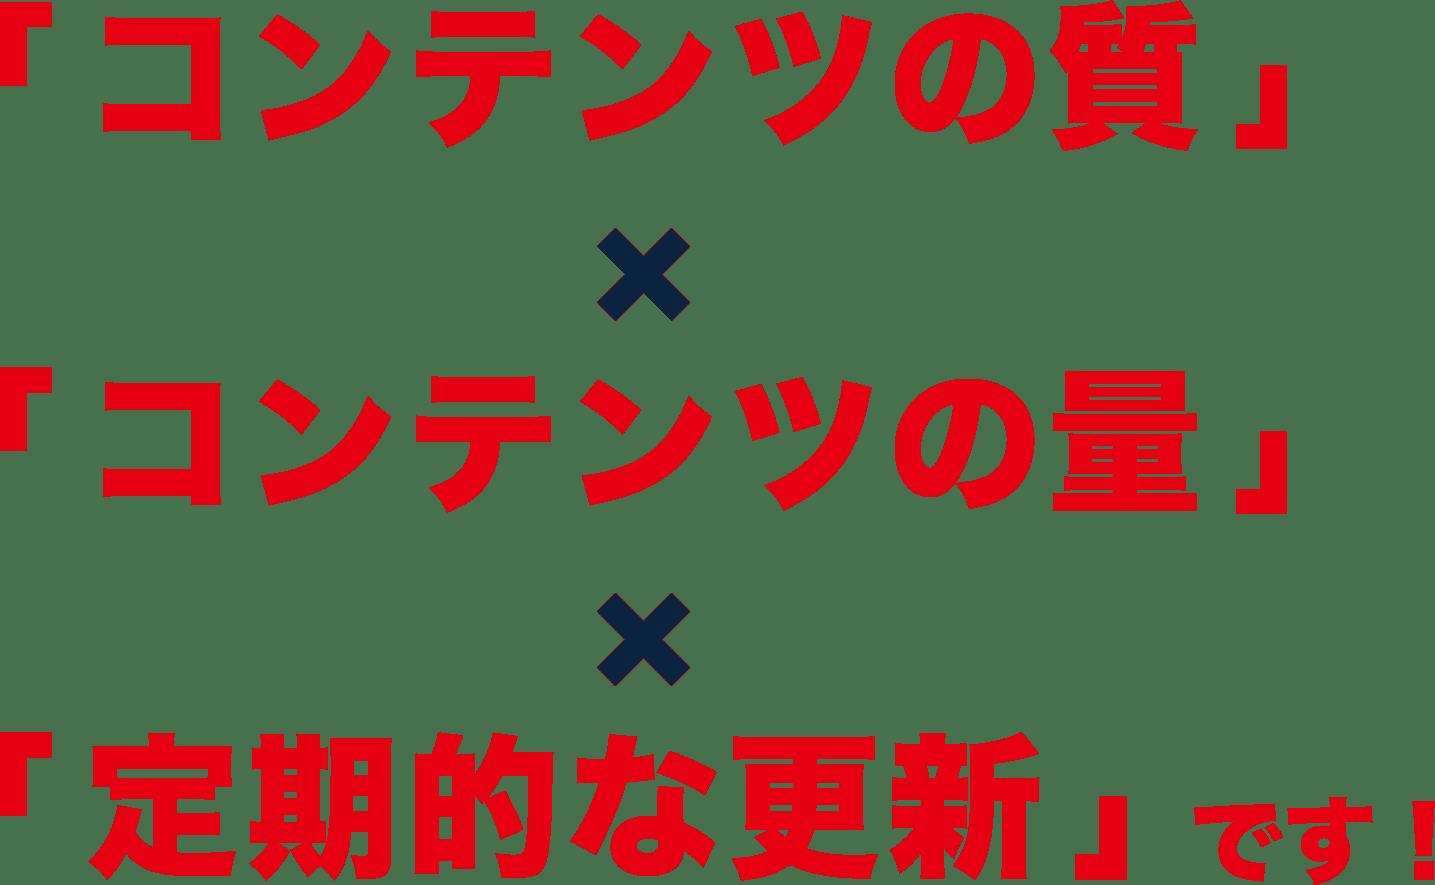 「コンテンツの質」×「コンテンツの量」×「定期的な更新」です!